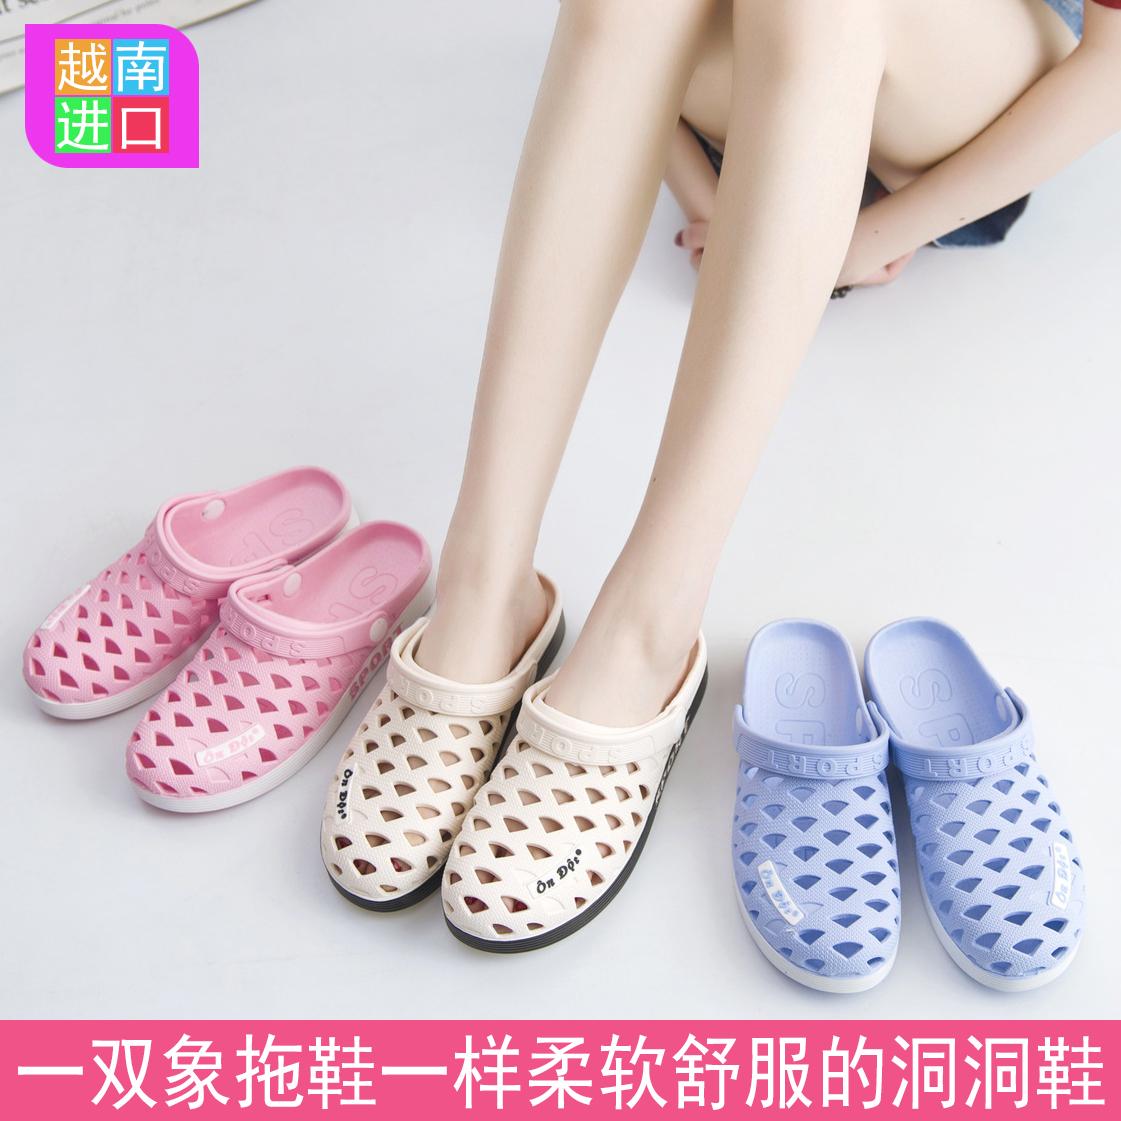 有赠品越南橡胶男夏新品防滑旅游洞洞鞋